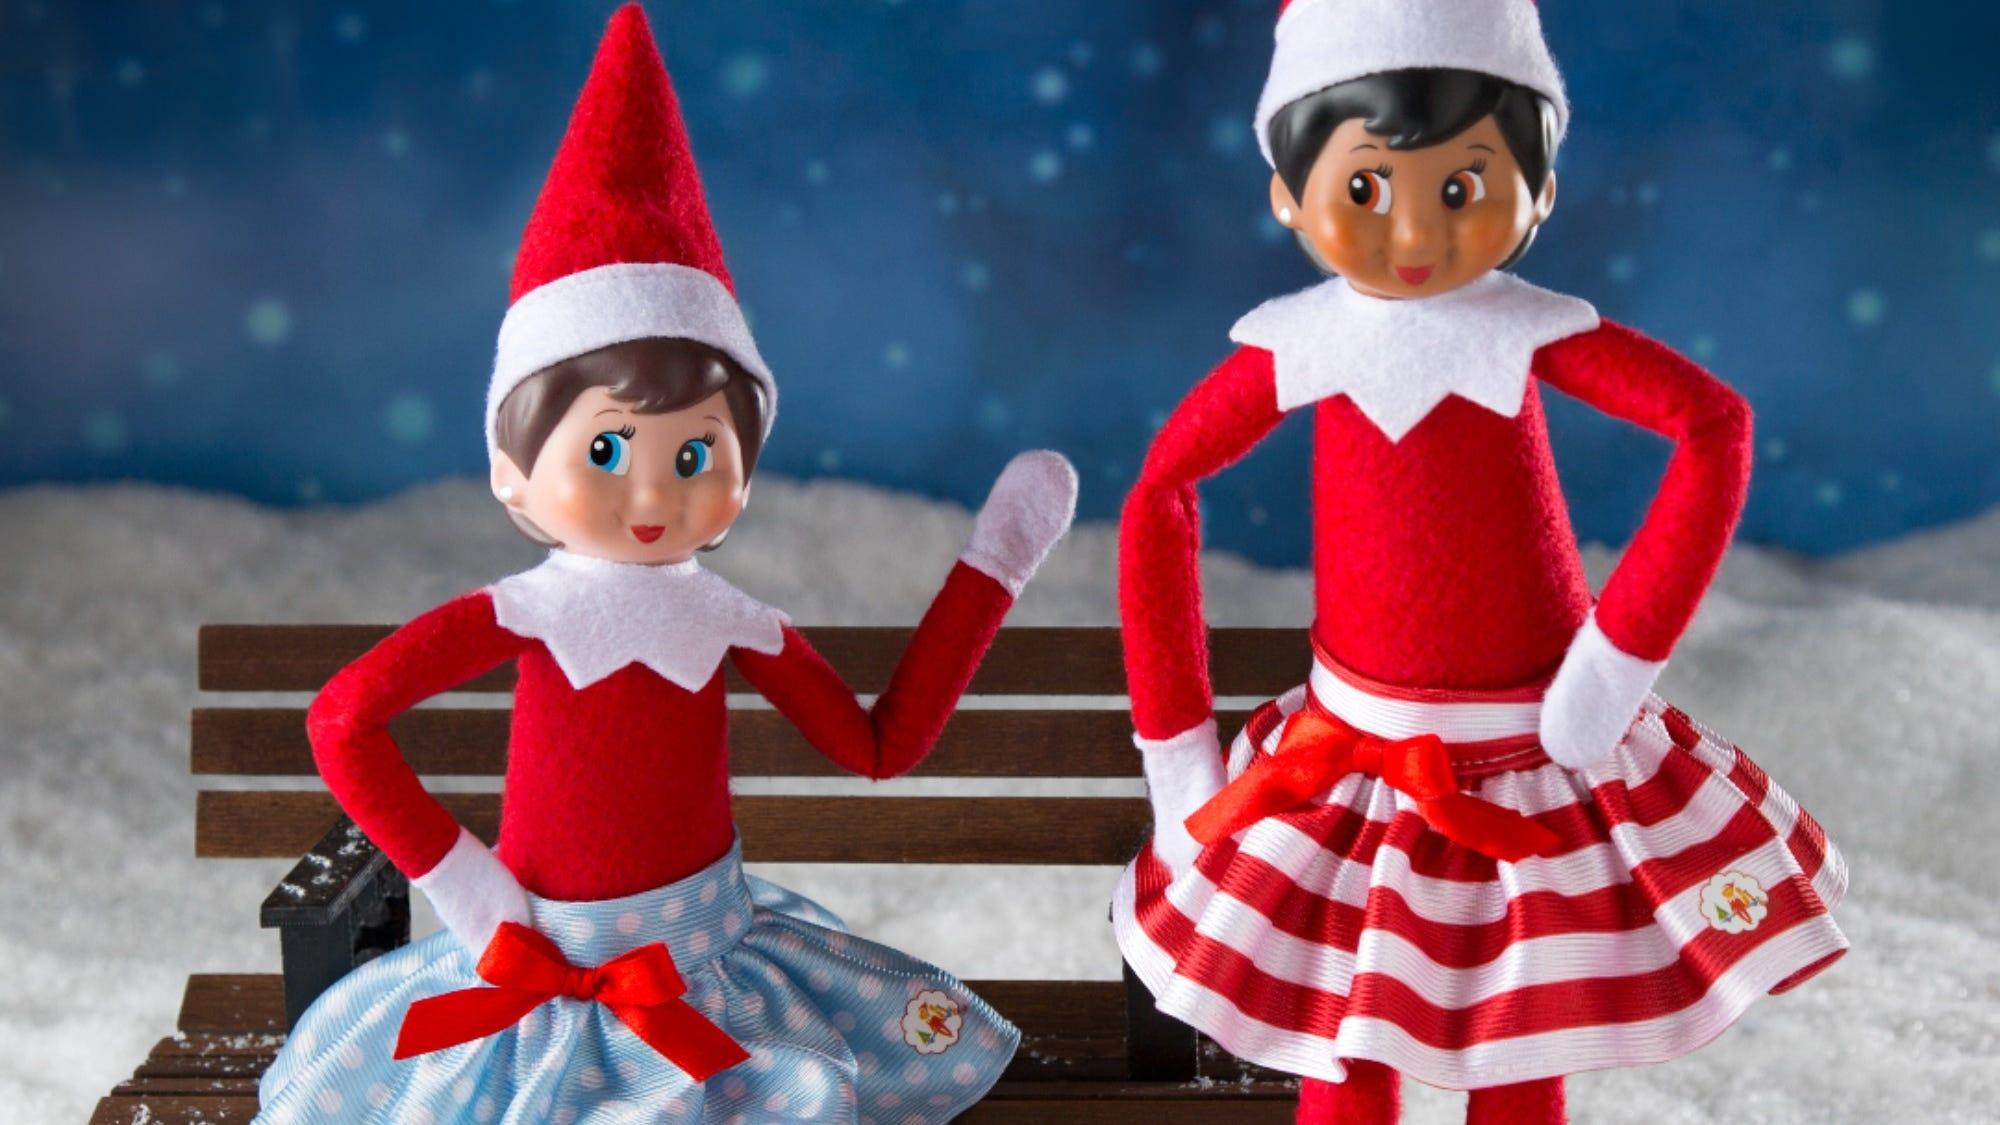 Elf On The Shelf Arrival Ideas 5 Easy Ways To Mark Their Return